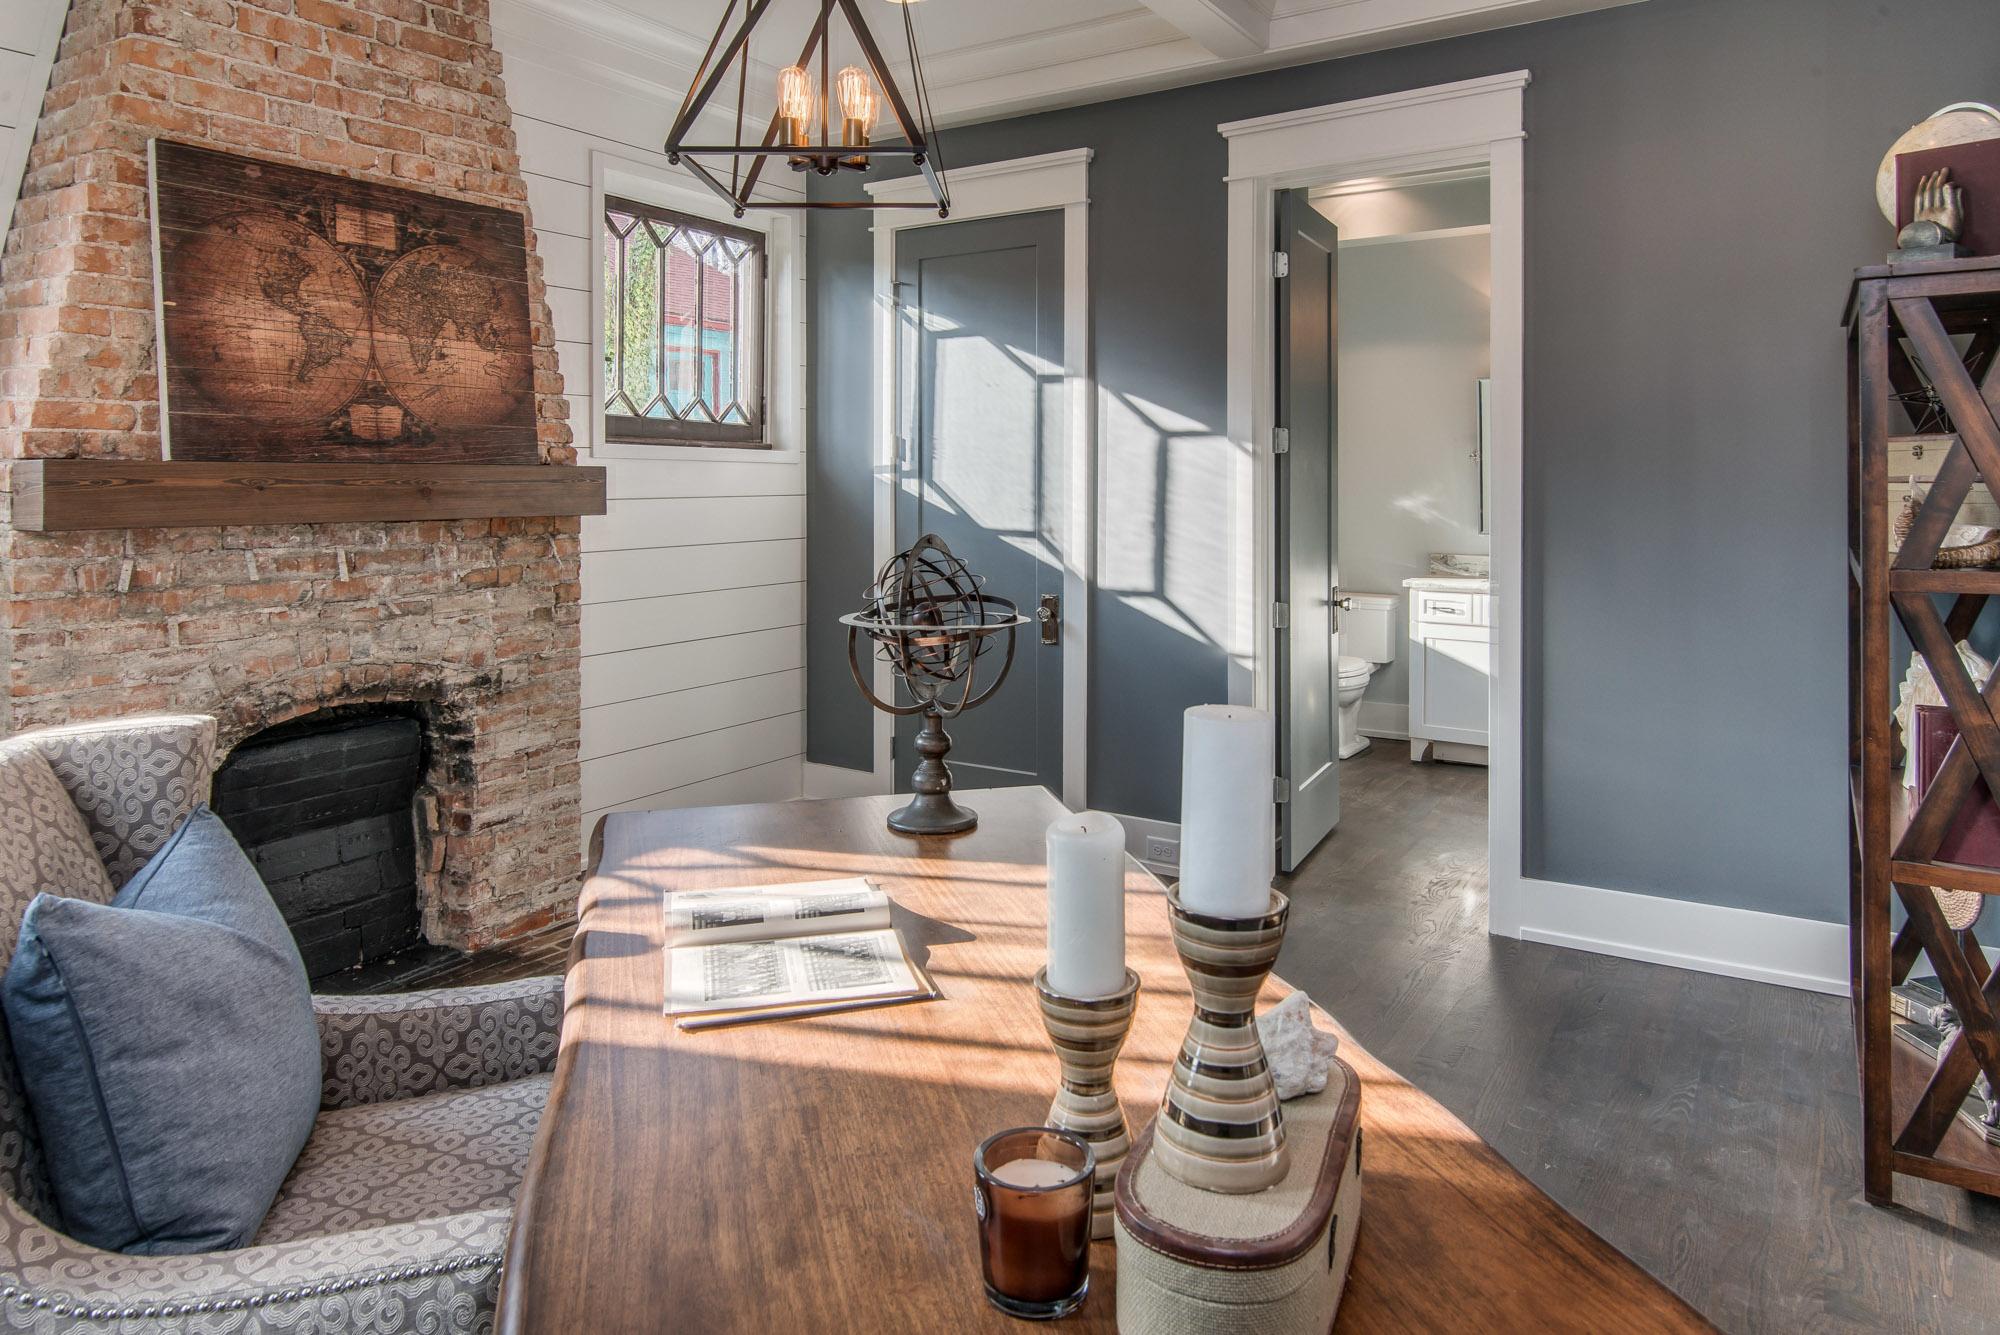 nashville-home-remodel-renovation-custom-home-tennessee-britt-development-group-1011.jpg